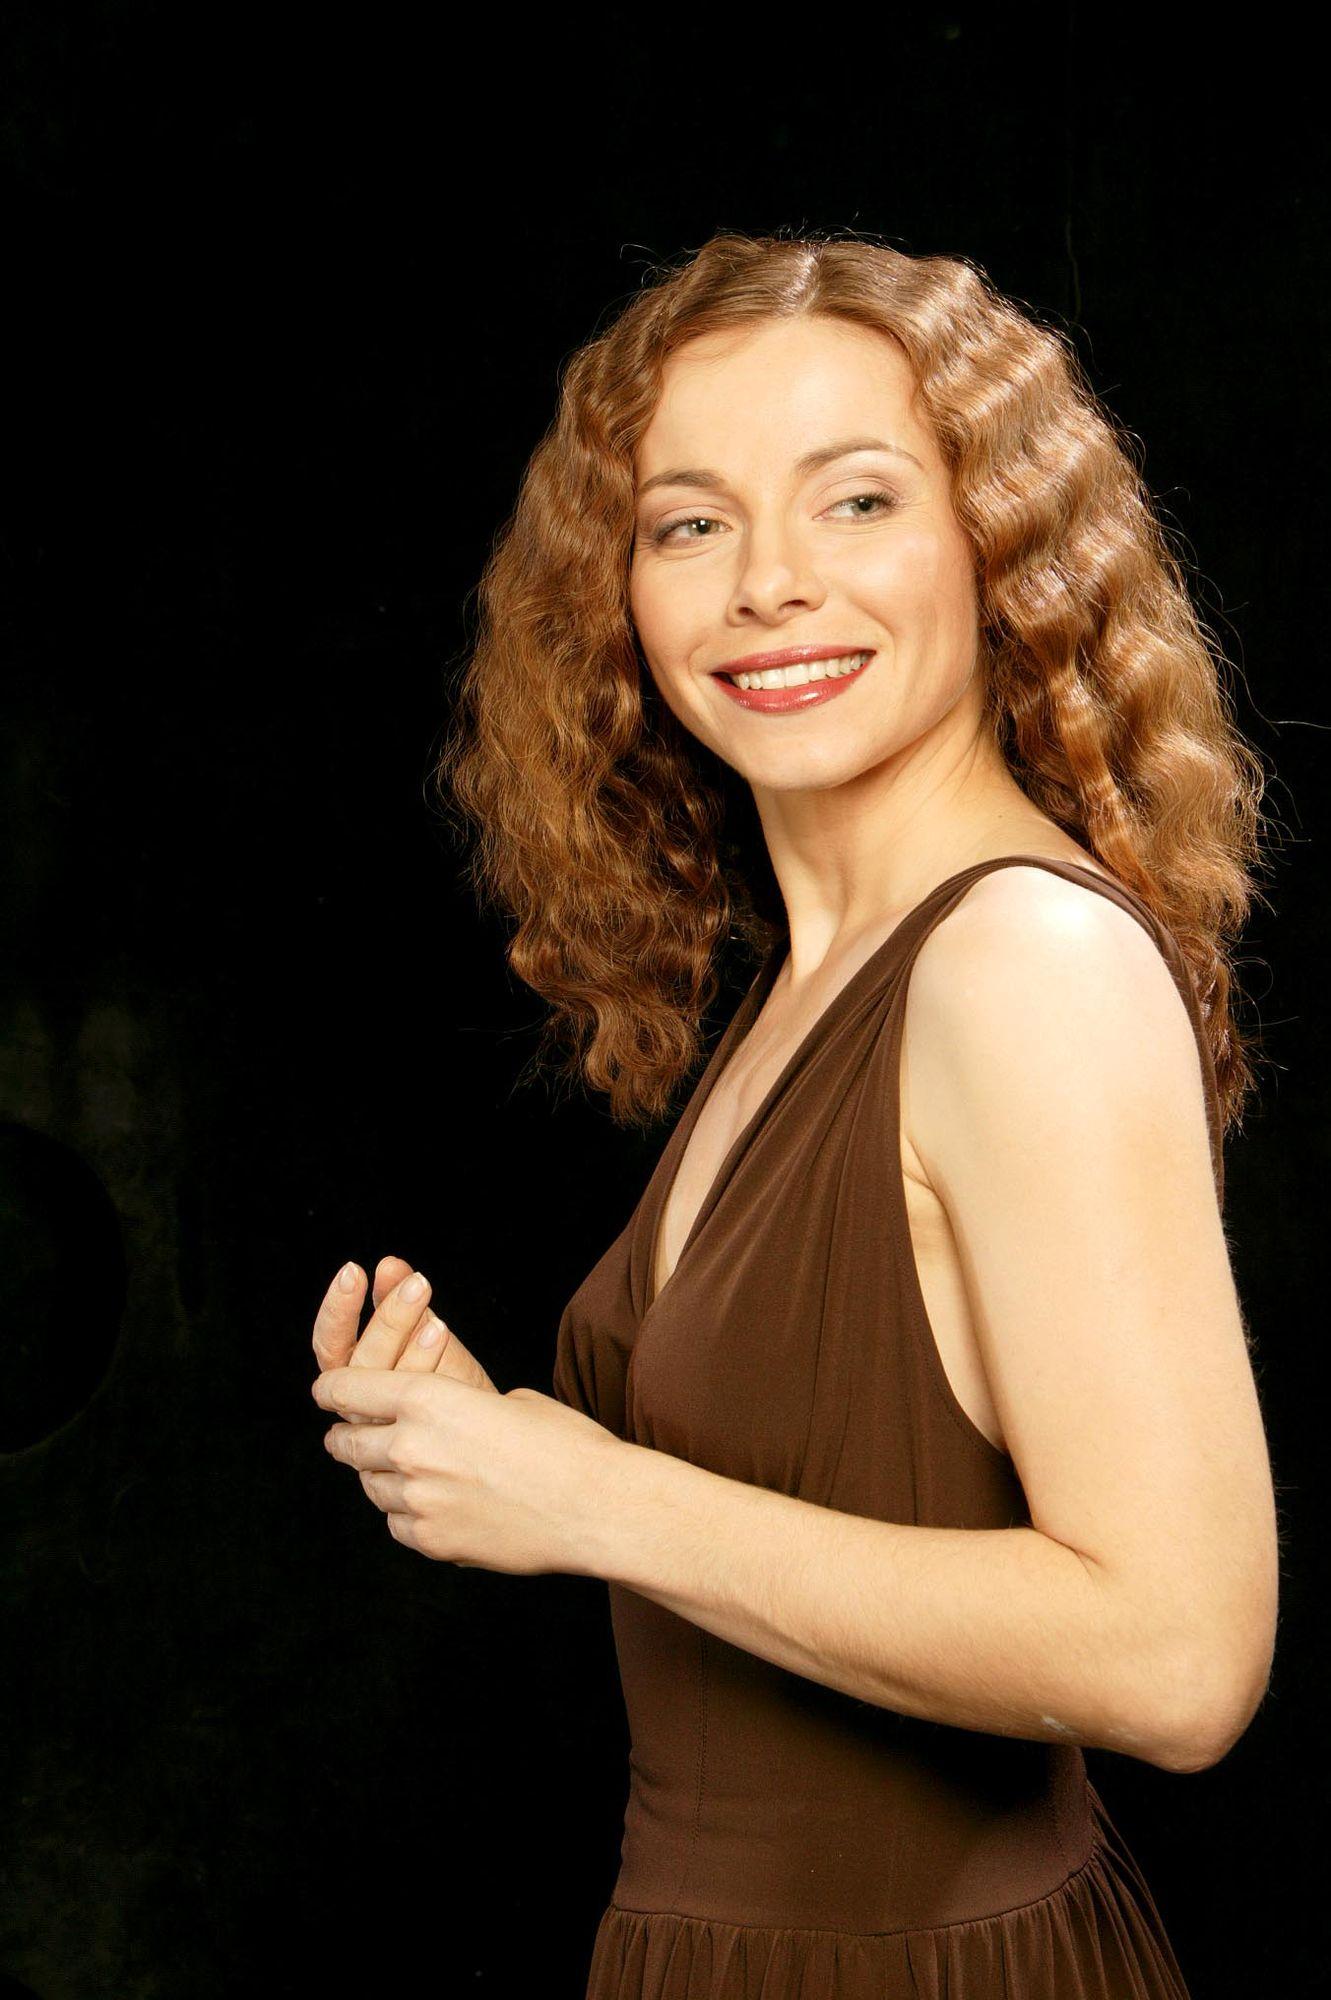 актеры и актрисы рожденные под знаком зодиака рак